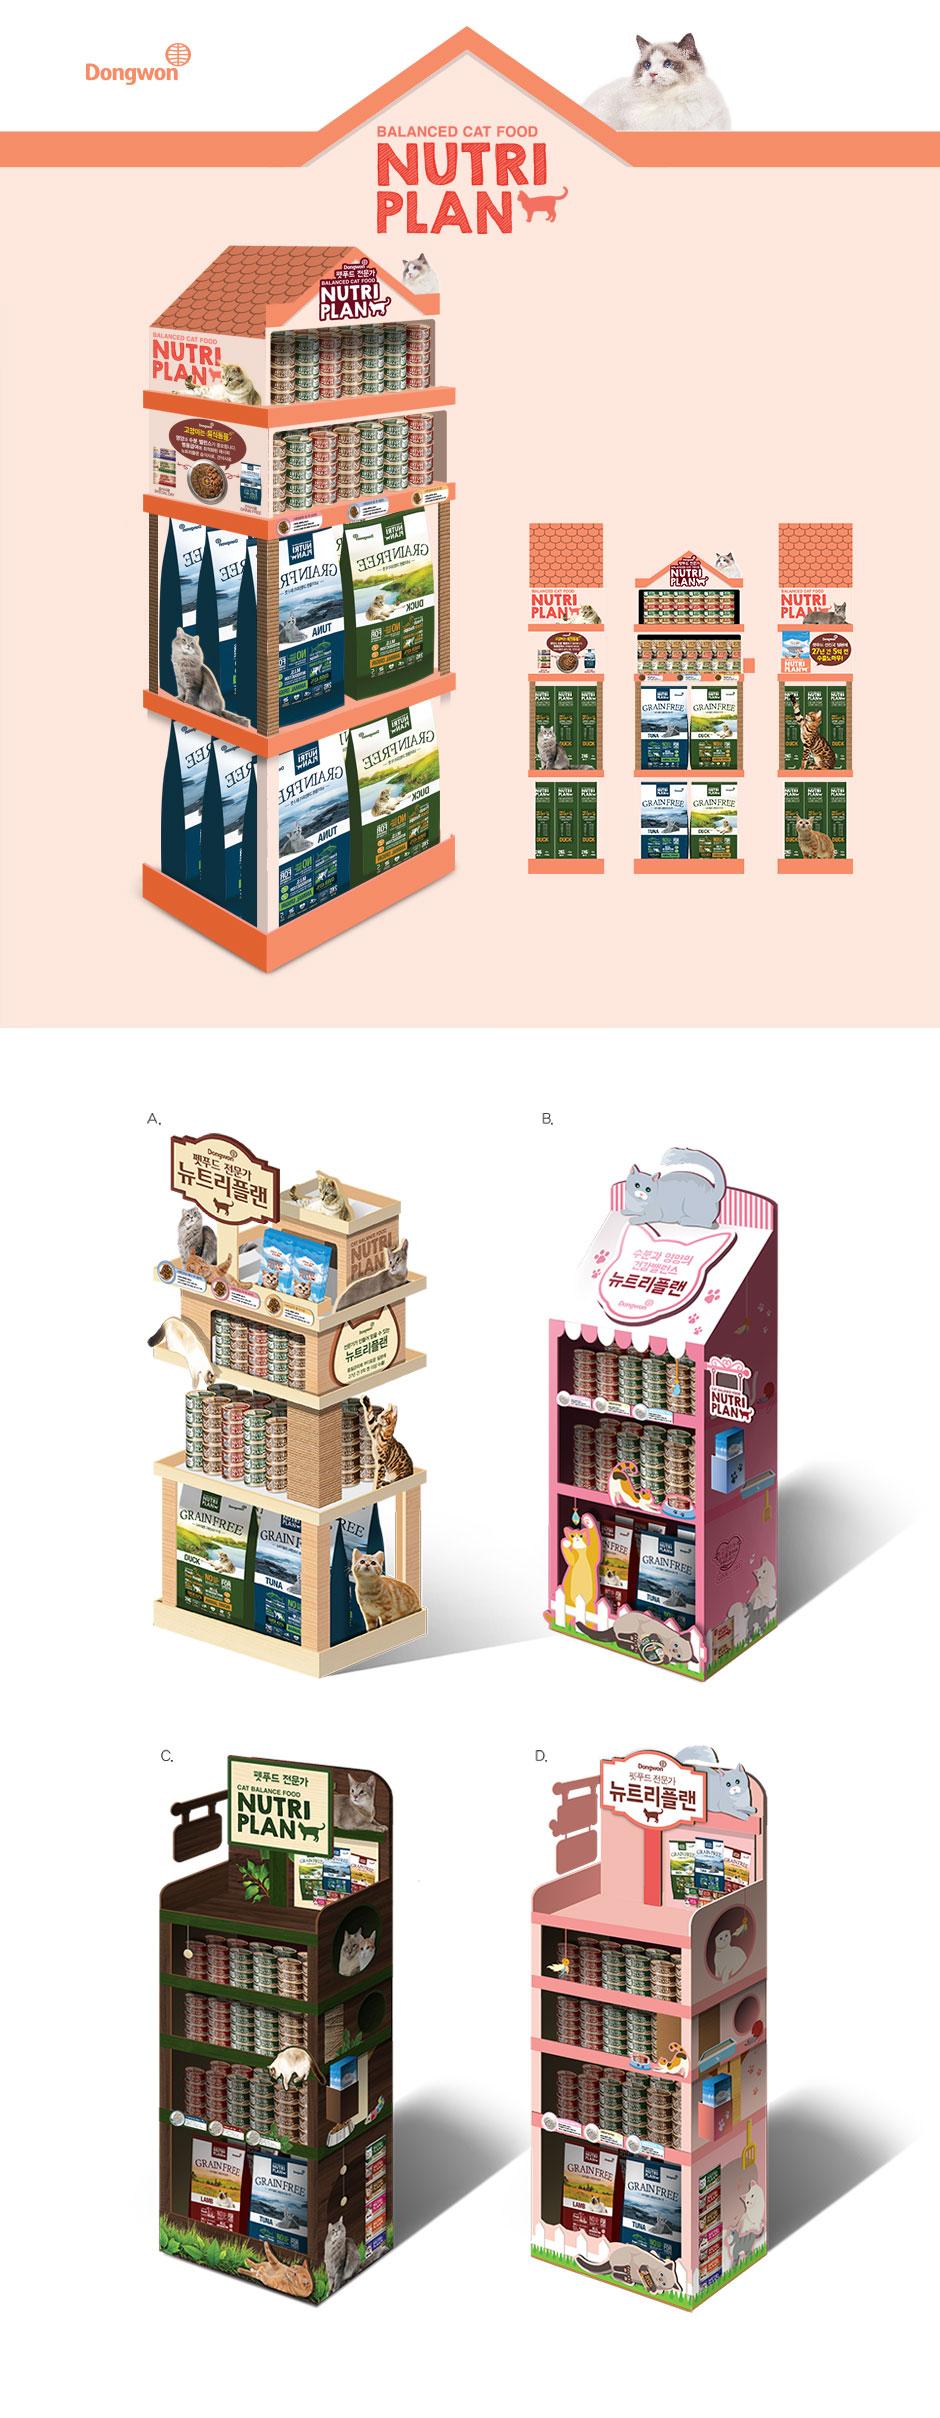 Nutriplan interpet store stand display